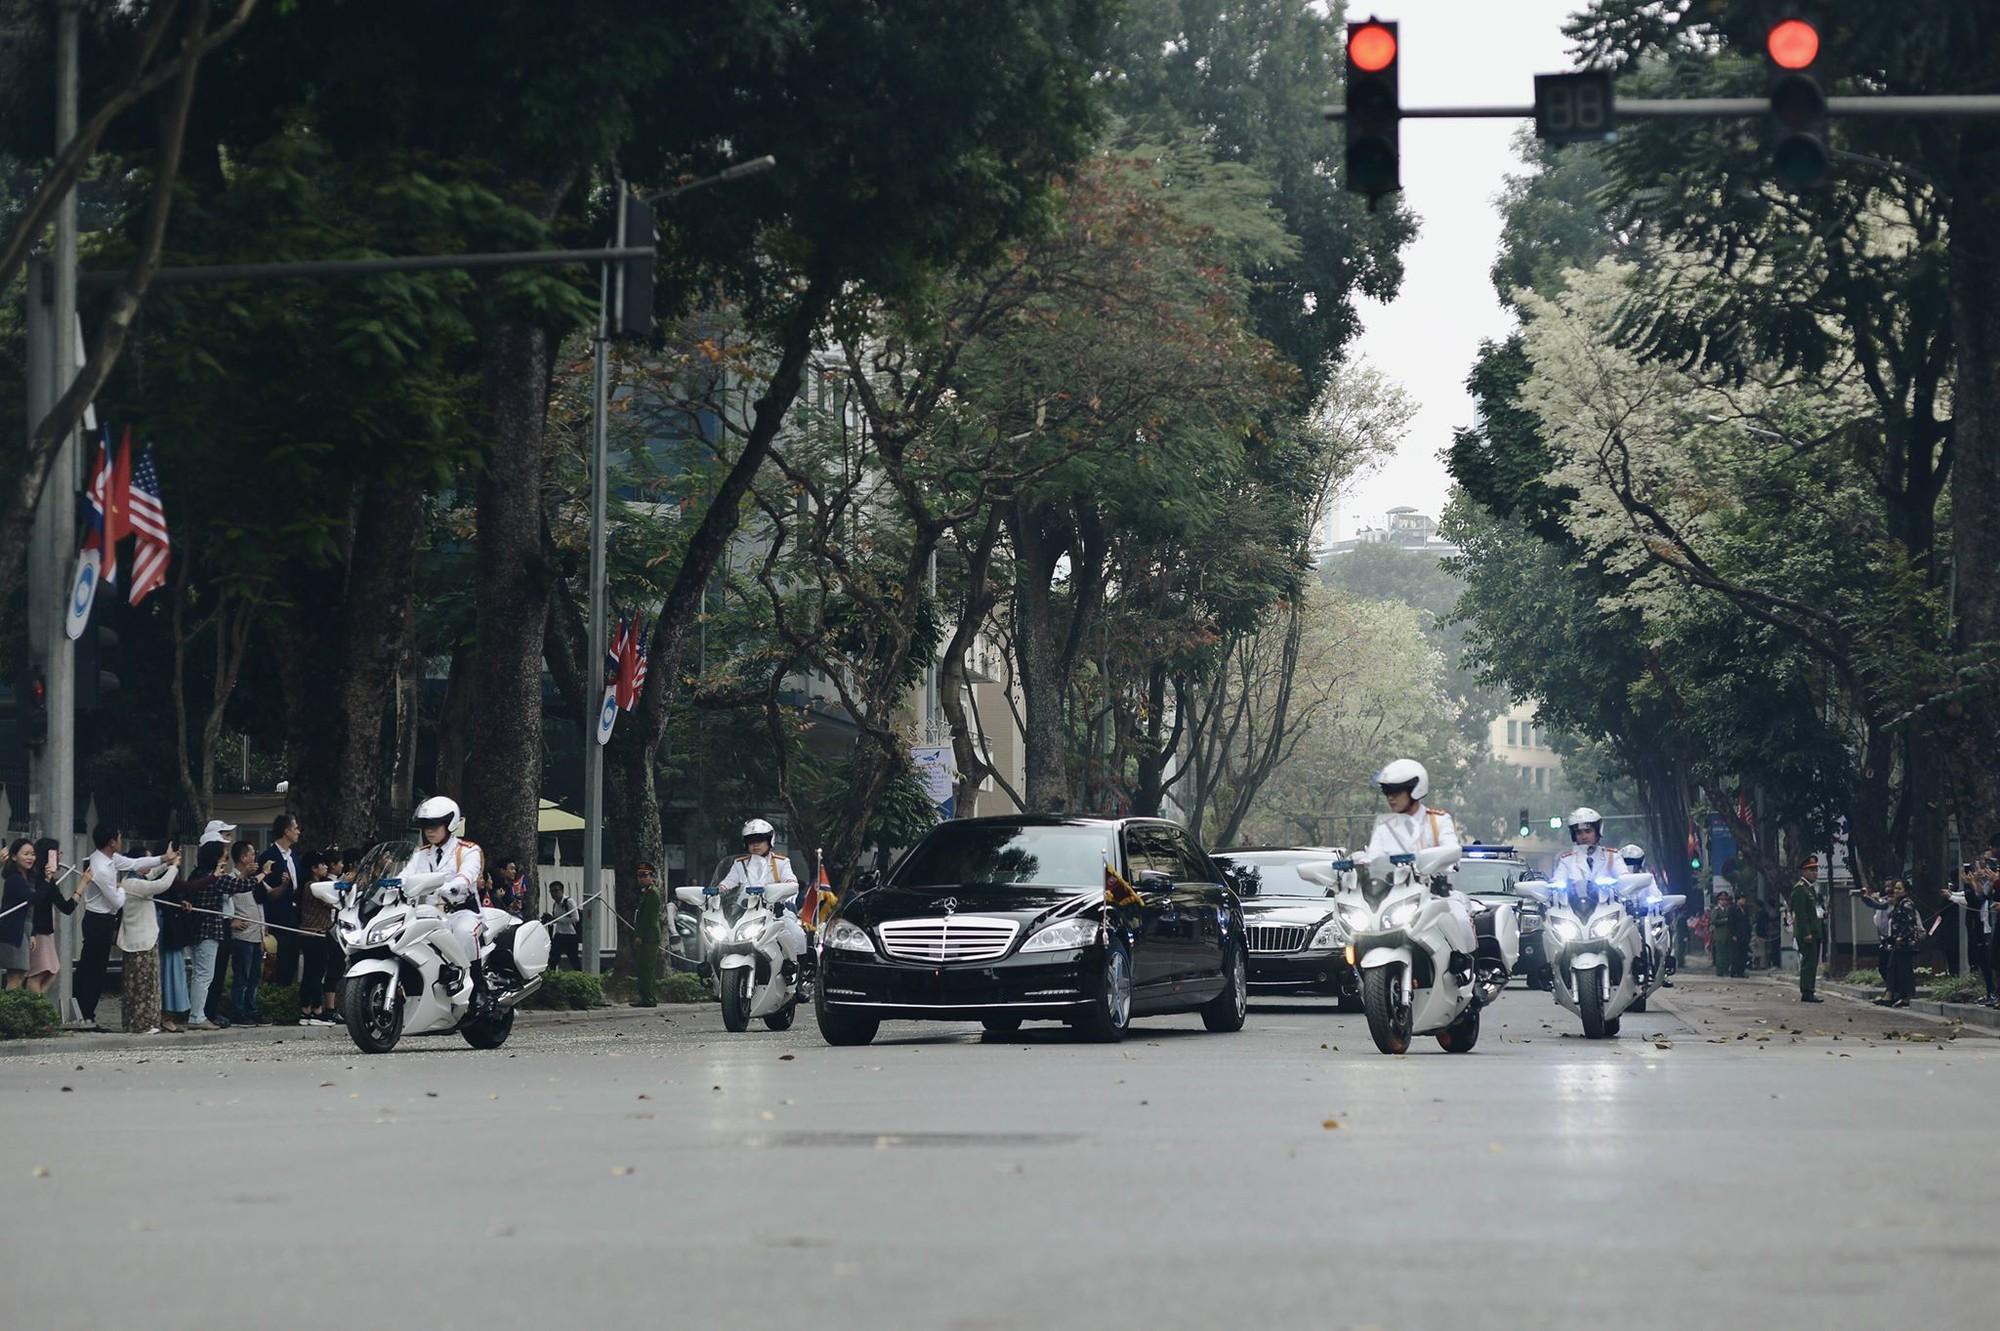 [PHOTO ESSAY] Những khoảnh khắc lịch sử trong chuyến công du Việt Nam đầu tiên của Chủ tịch Kim Jong-un - Ảnh 19.